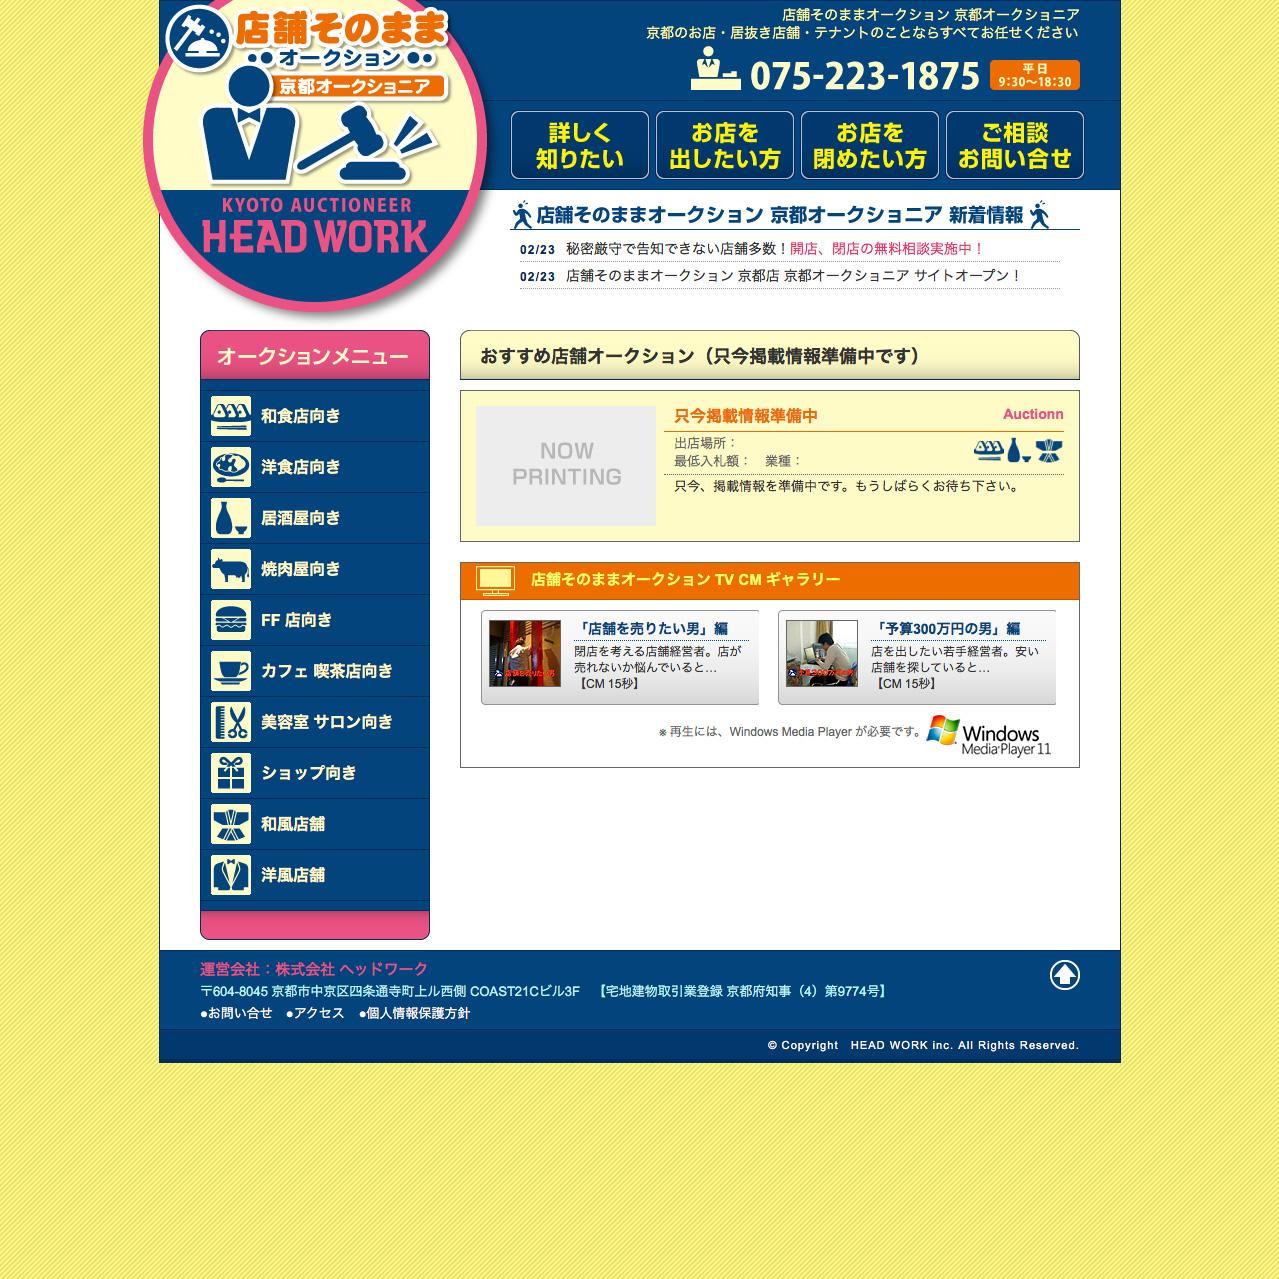 店舗そのままオークション 京都オークショニア ホームページ